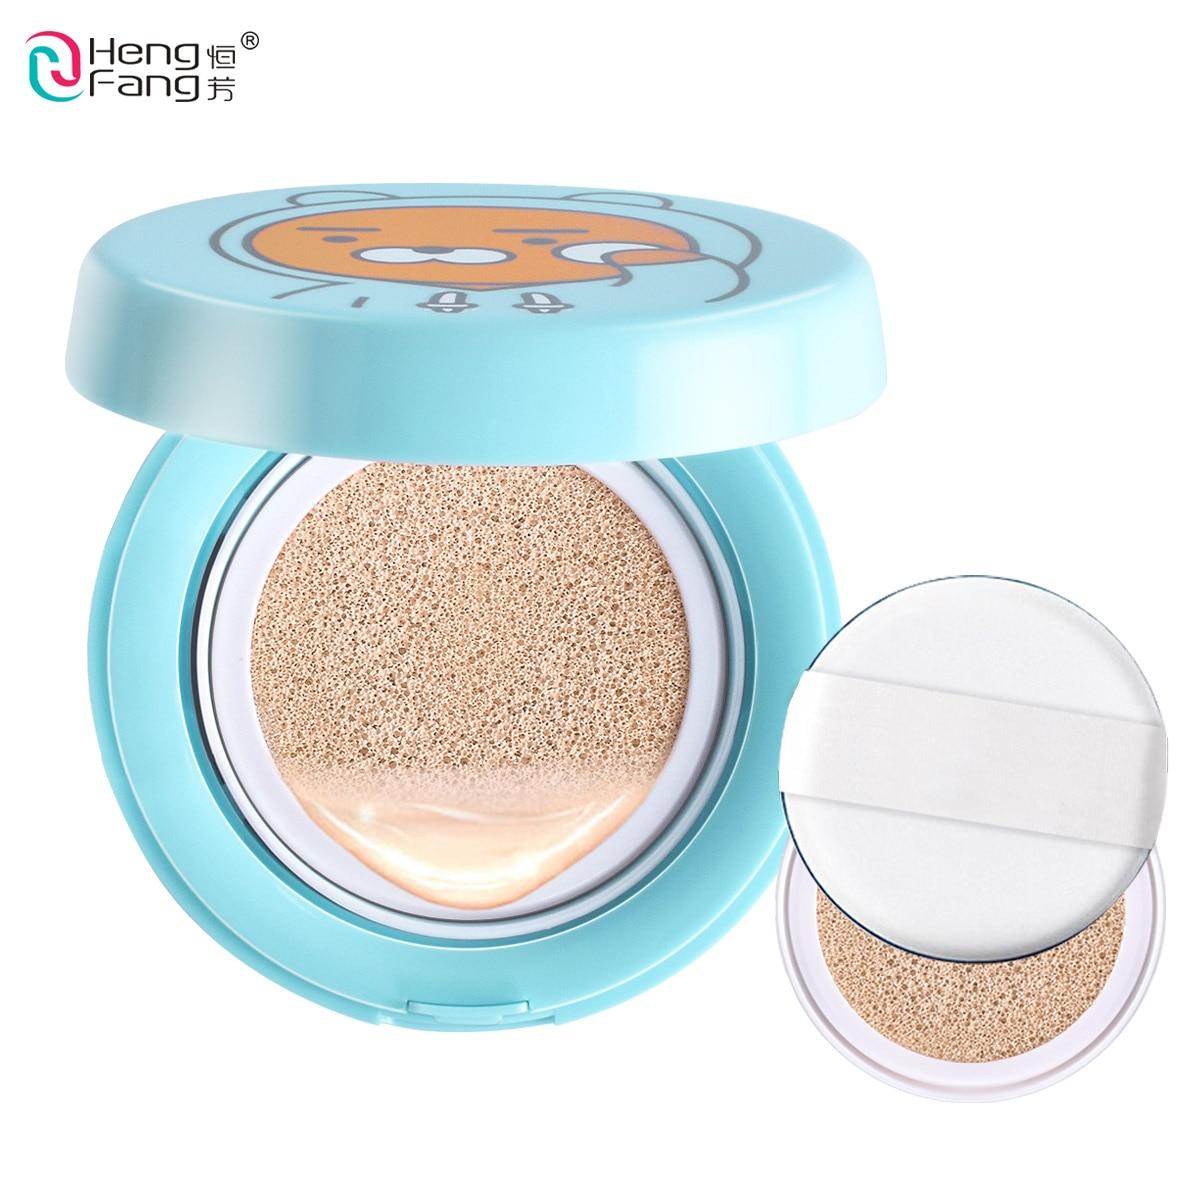 Coussin d'air BB Crème l'isolement bb nu Correcteur, contrôle de l'huile hydratant 15gX2 Maquillage Marque HengFang # H8470